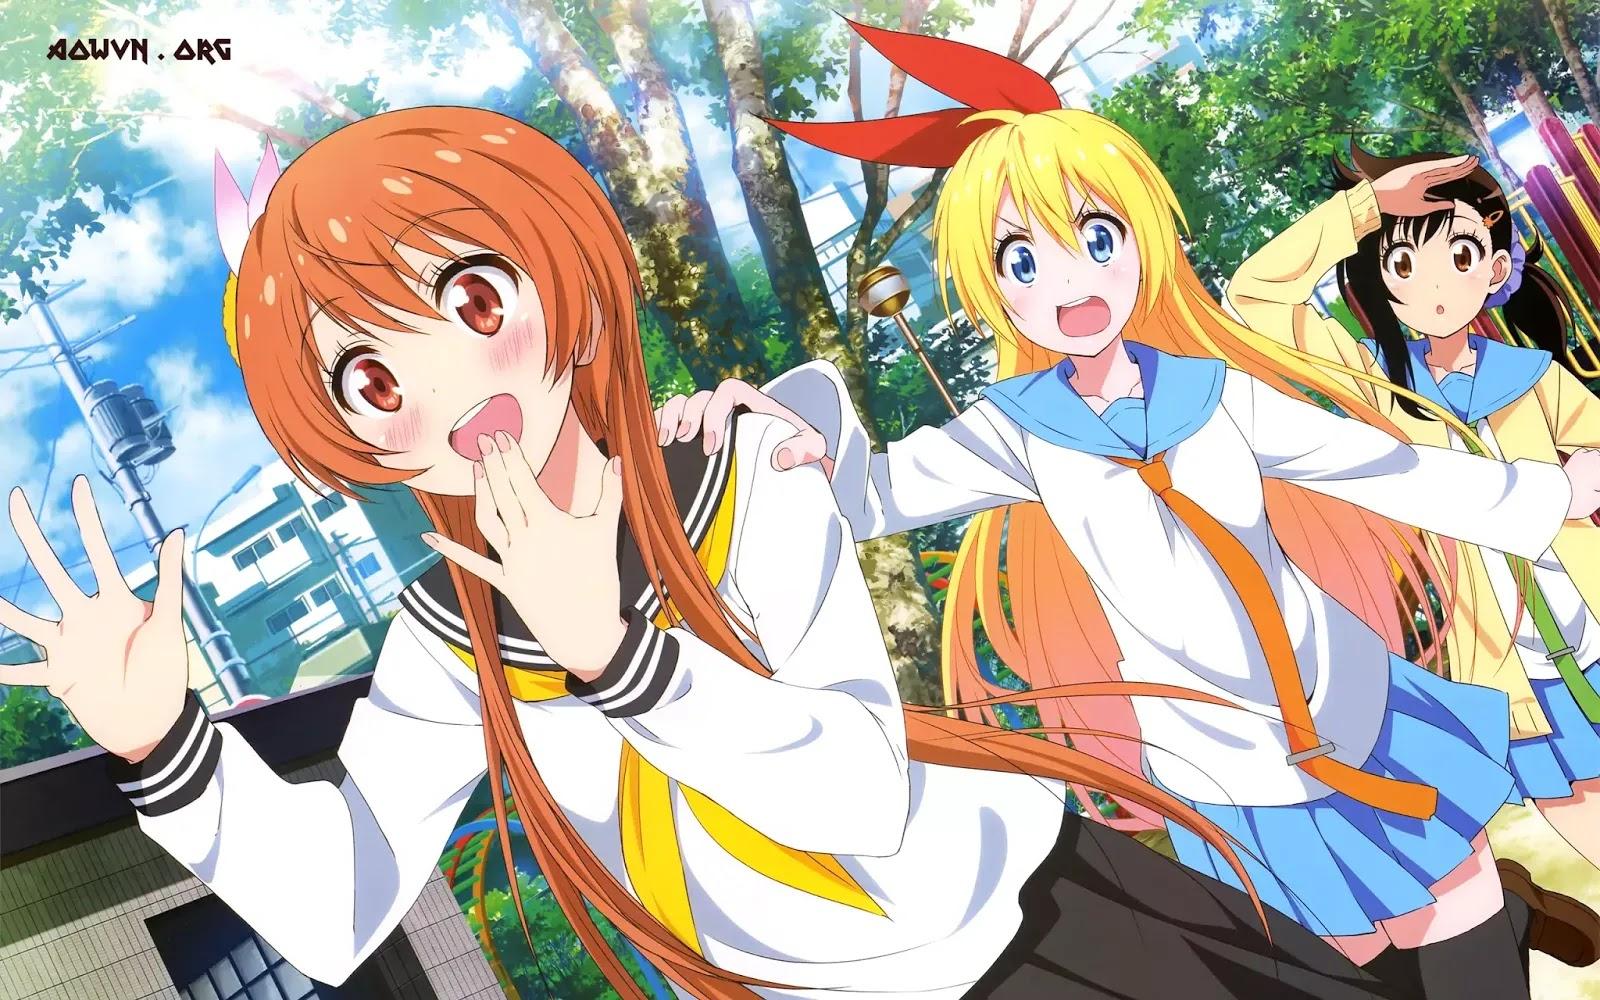 AowVN Nisekoi%2B%25283%2529 - [ Anime 3gp Mp4 ] Nisekoi BD SS1 + SS2 + OVA | Vietsub - Tình Cảm Hài Hước Cực Hay